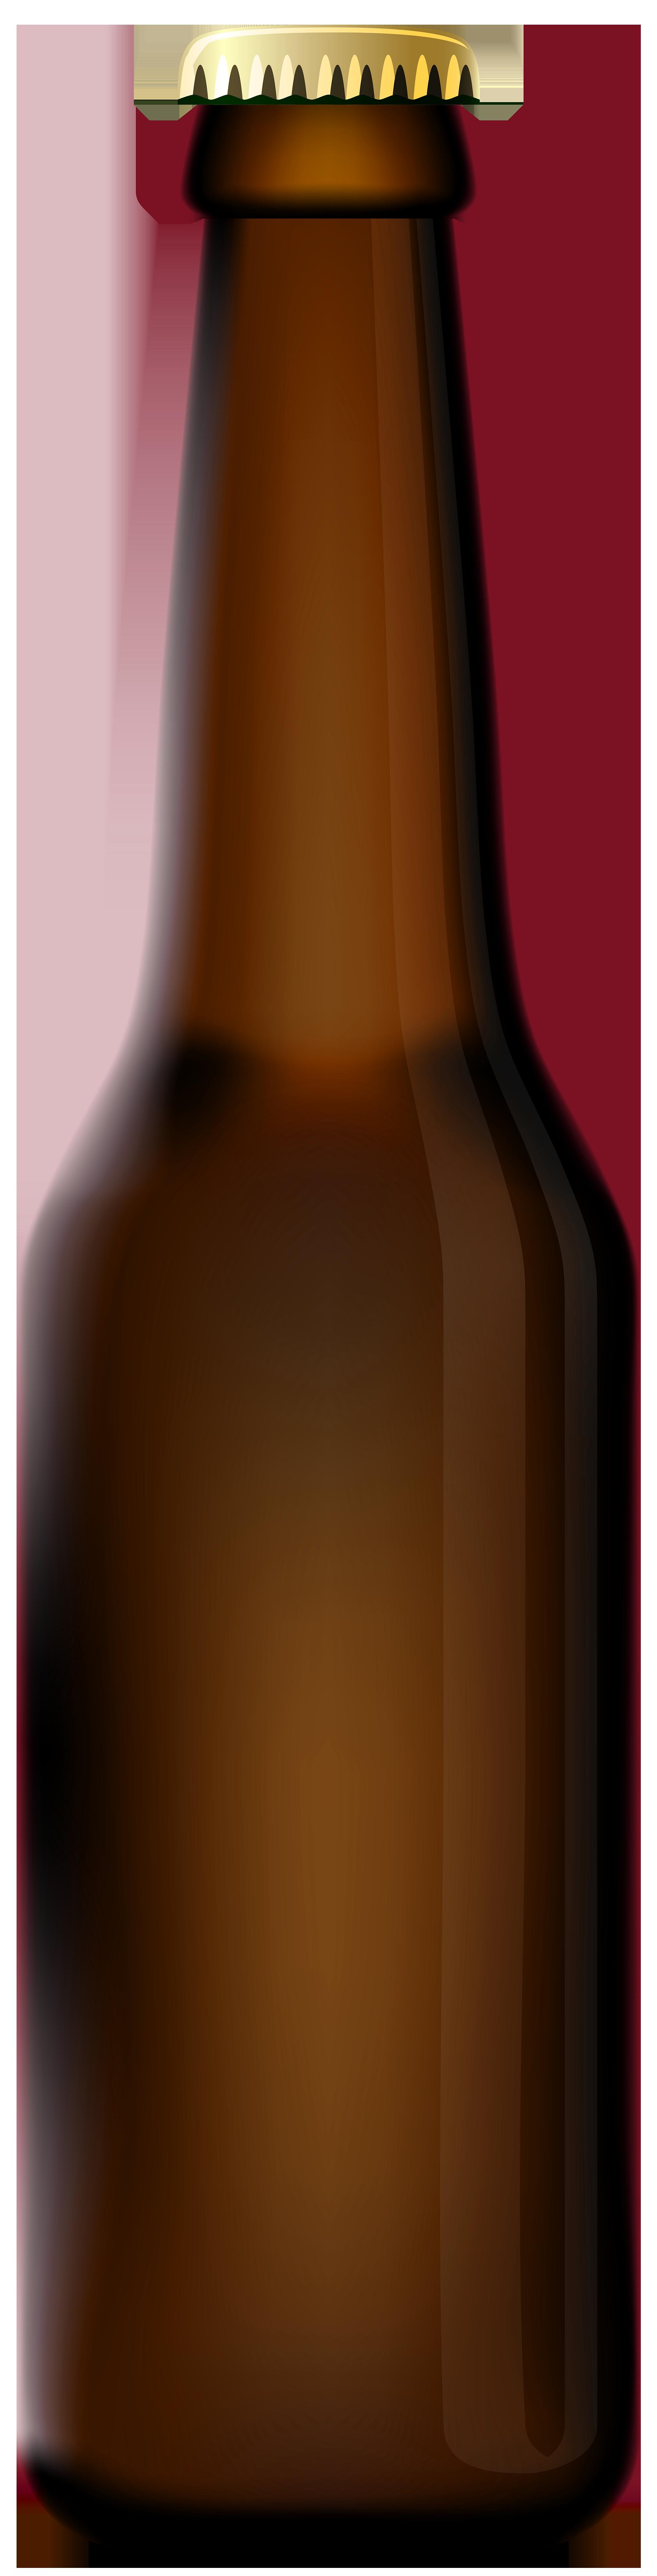 Beer clipart bottled beer. Bottle png clip art